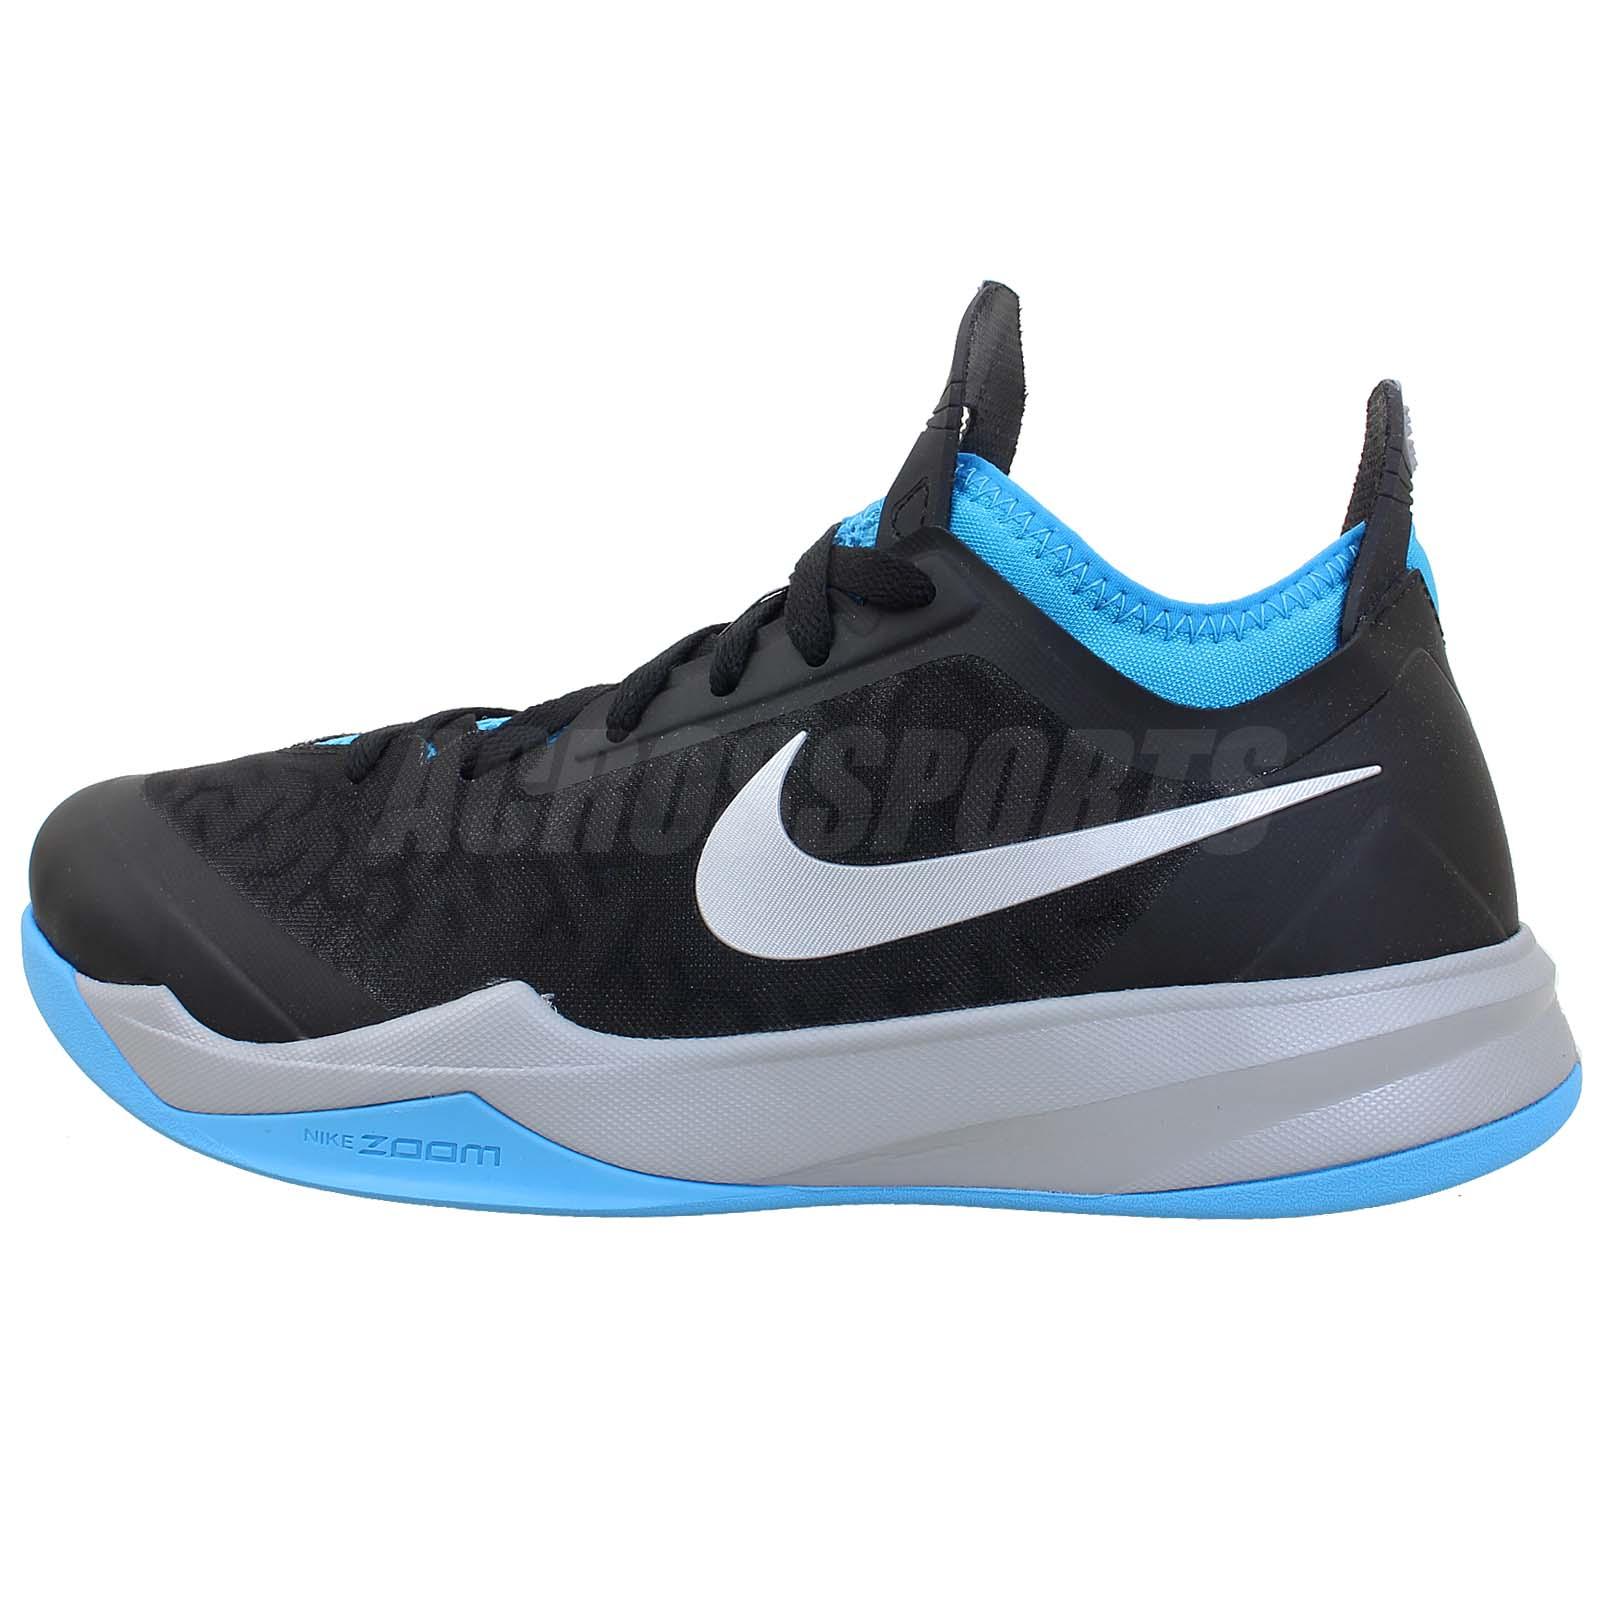 James Harden Nike Shoes: Nike Zoom Crusader XDR Black Silver Blue James Harden 2014